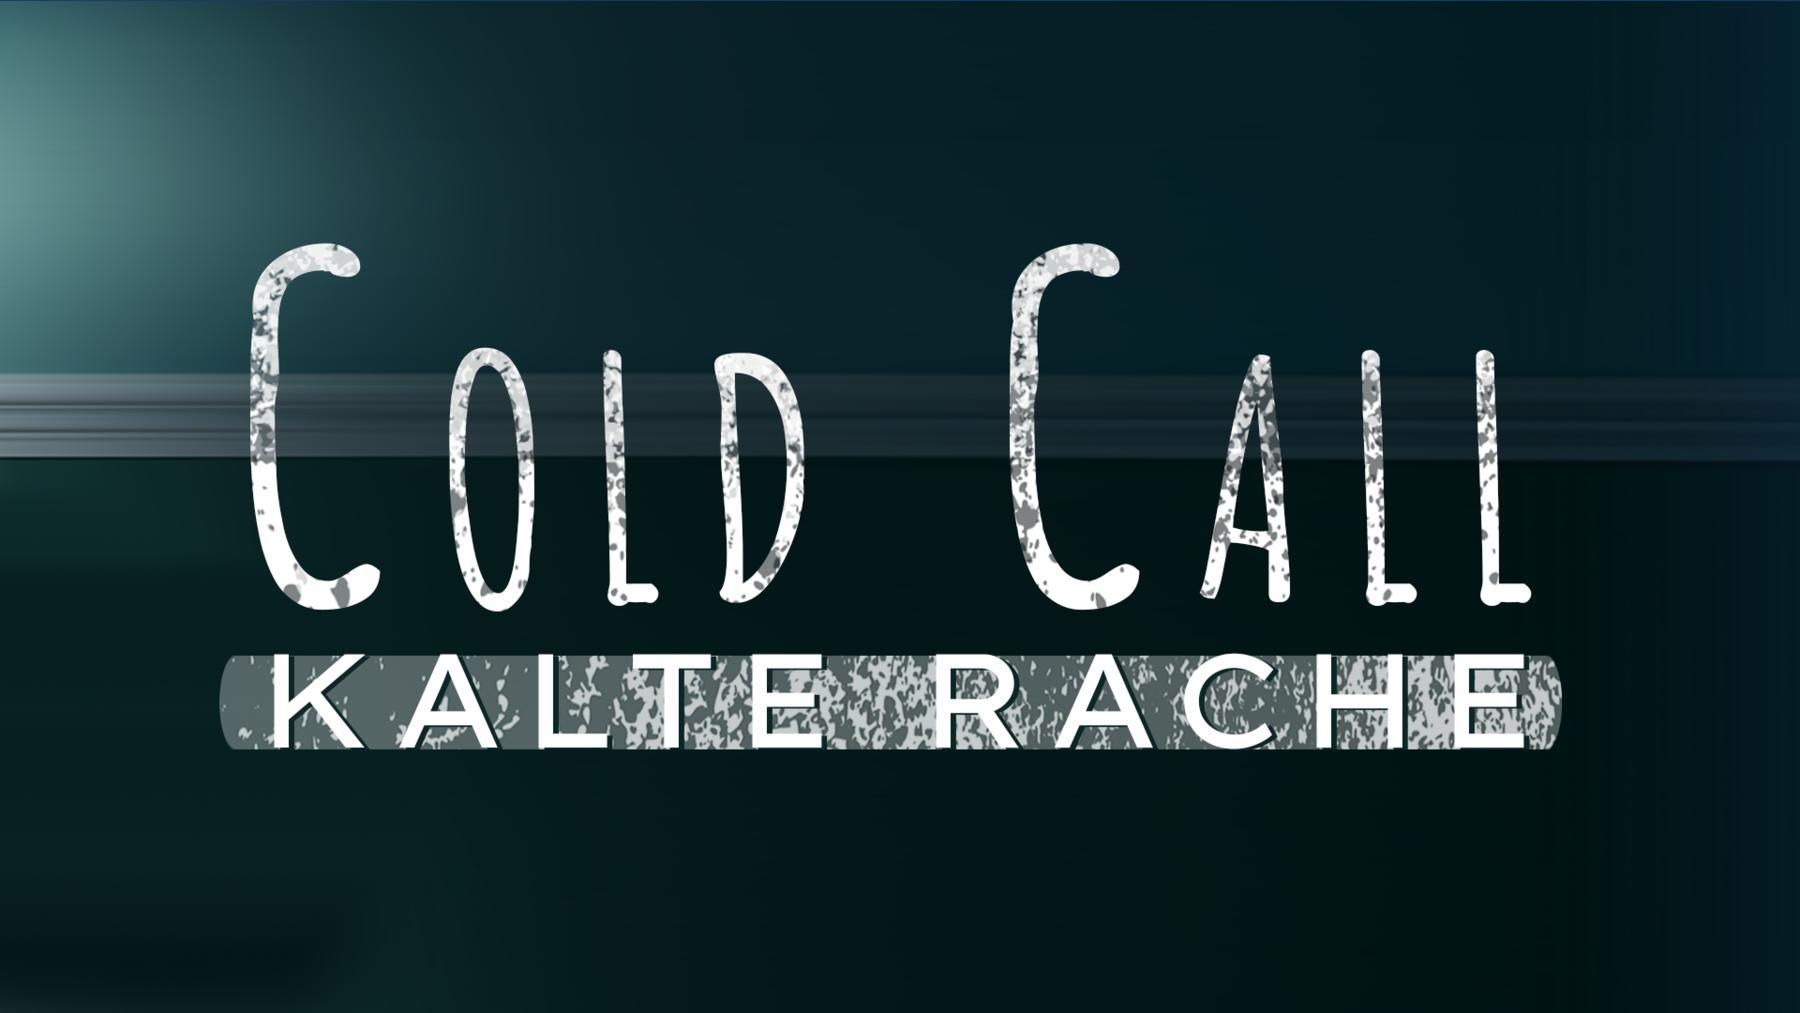 Cold Call - Kalte Rache